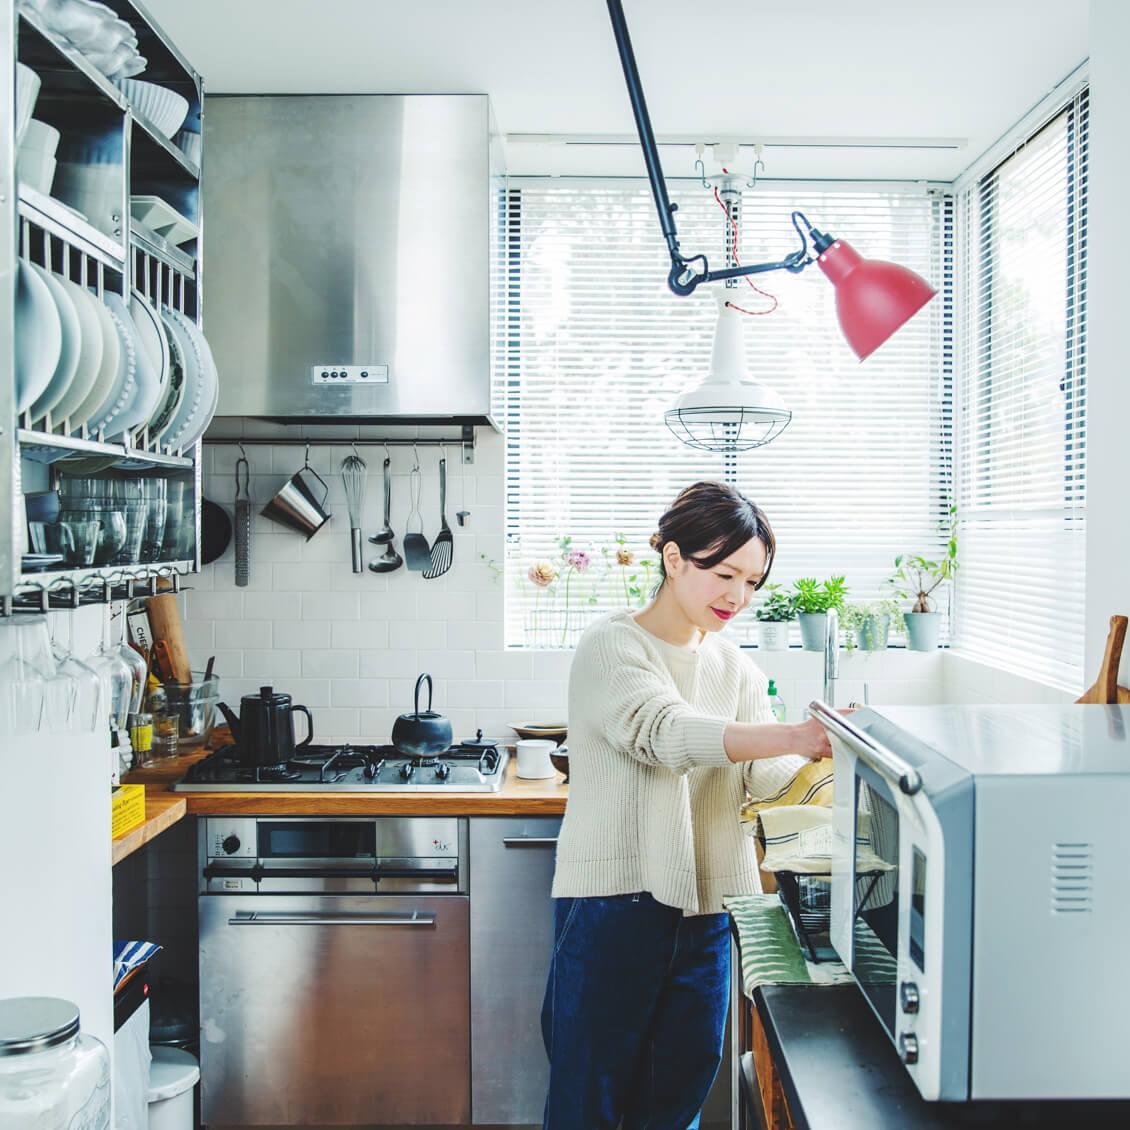 【BRAND NOTE】だから愛用しつづける。滝沢緑さんのキッチンをつくるのは、納得できるモノ選び